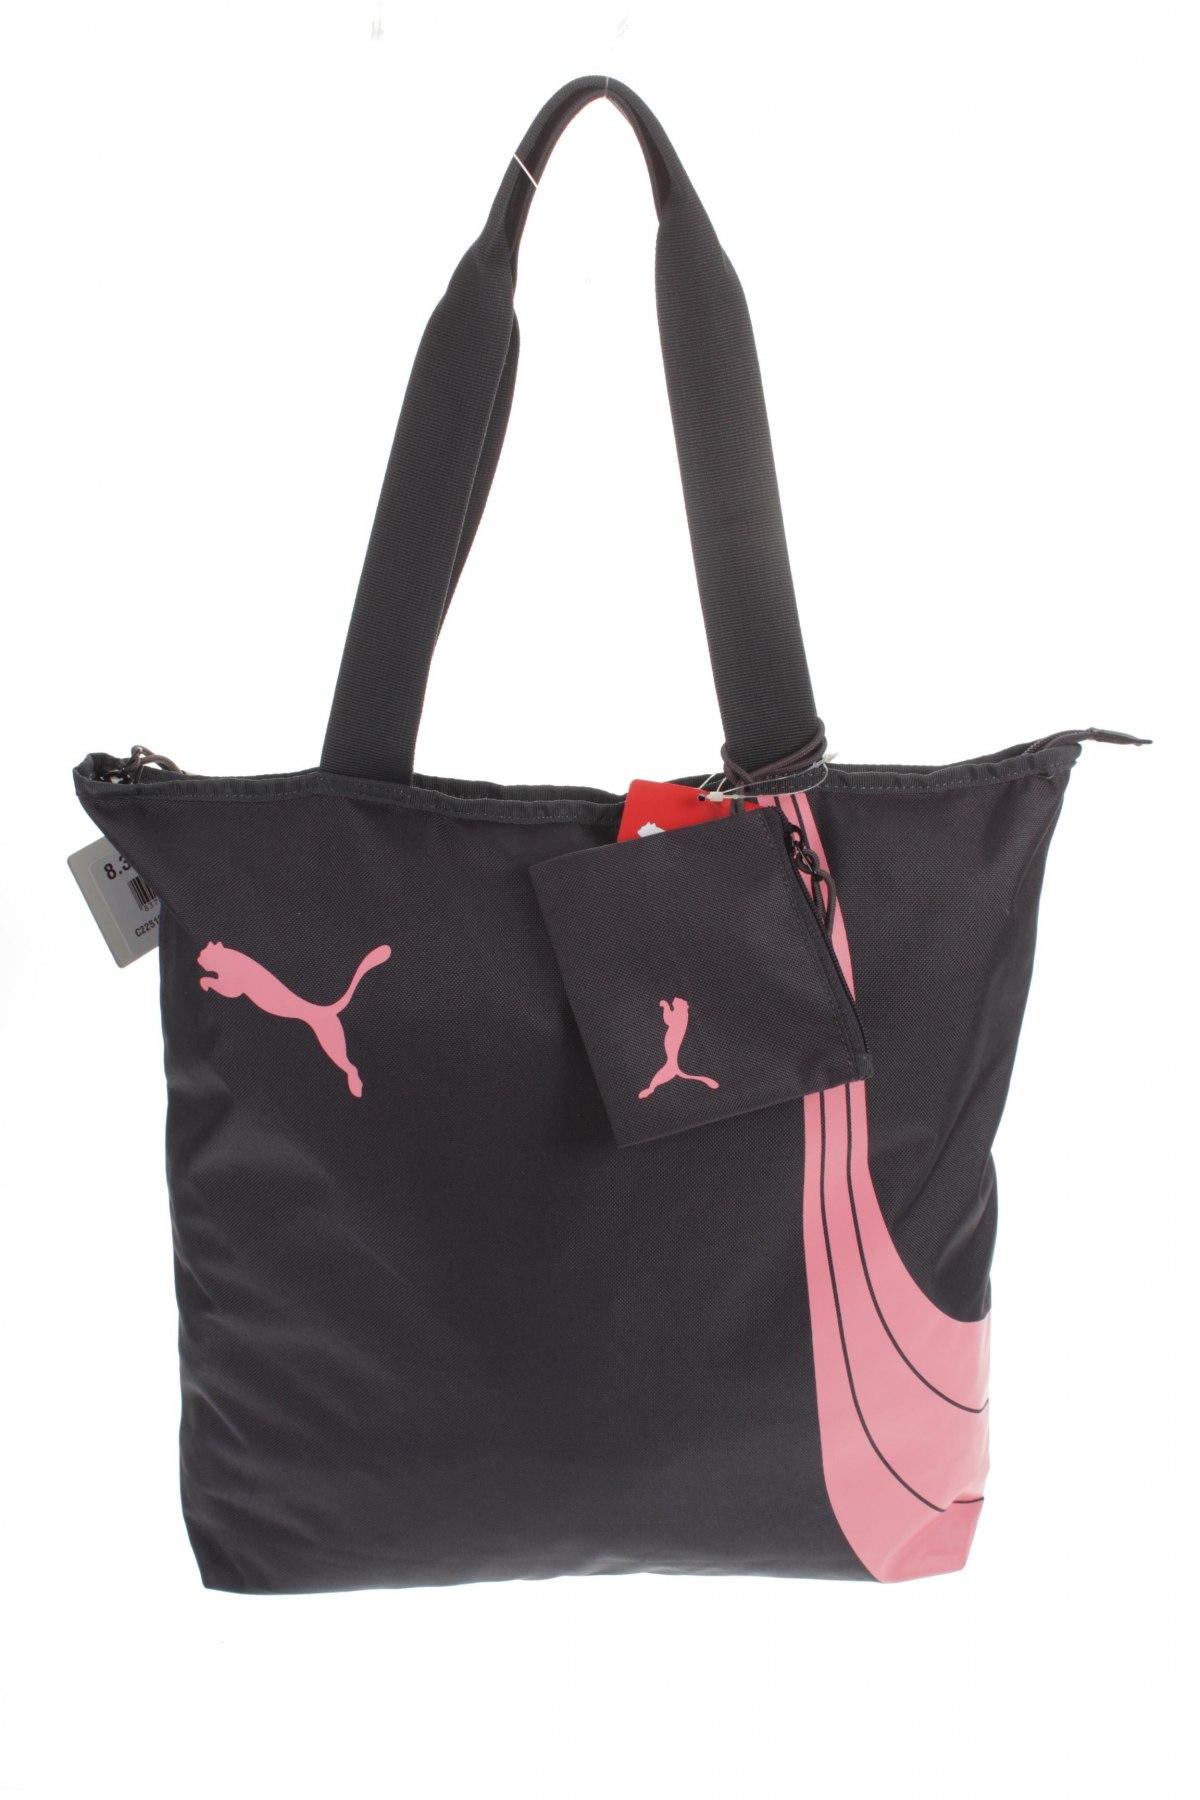 Női táska Puma - kedvező áron Remixben -  8413733 b7752c3142